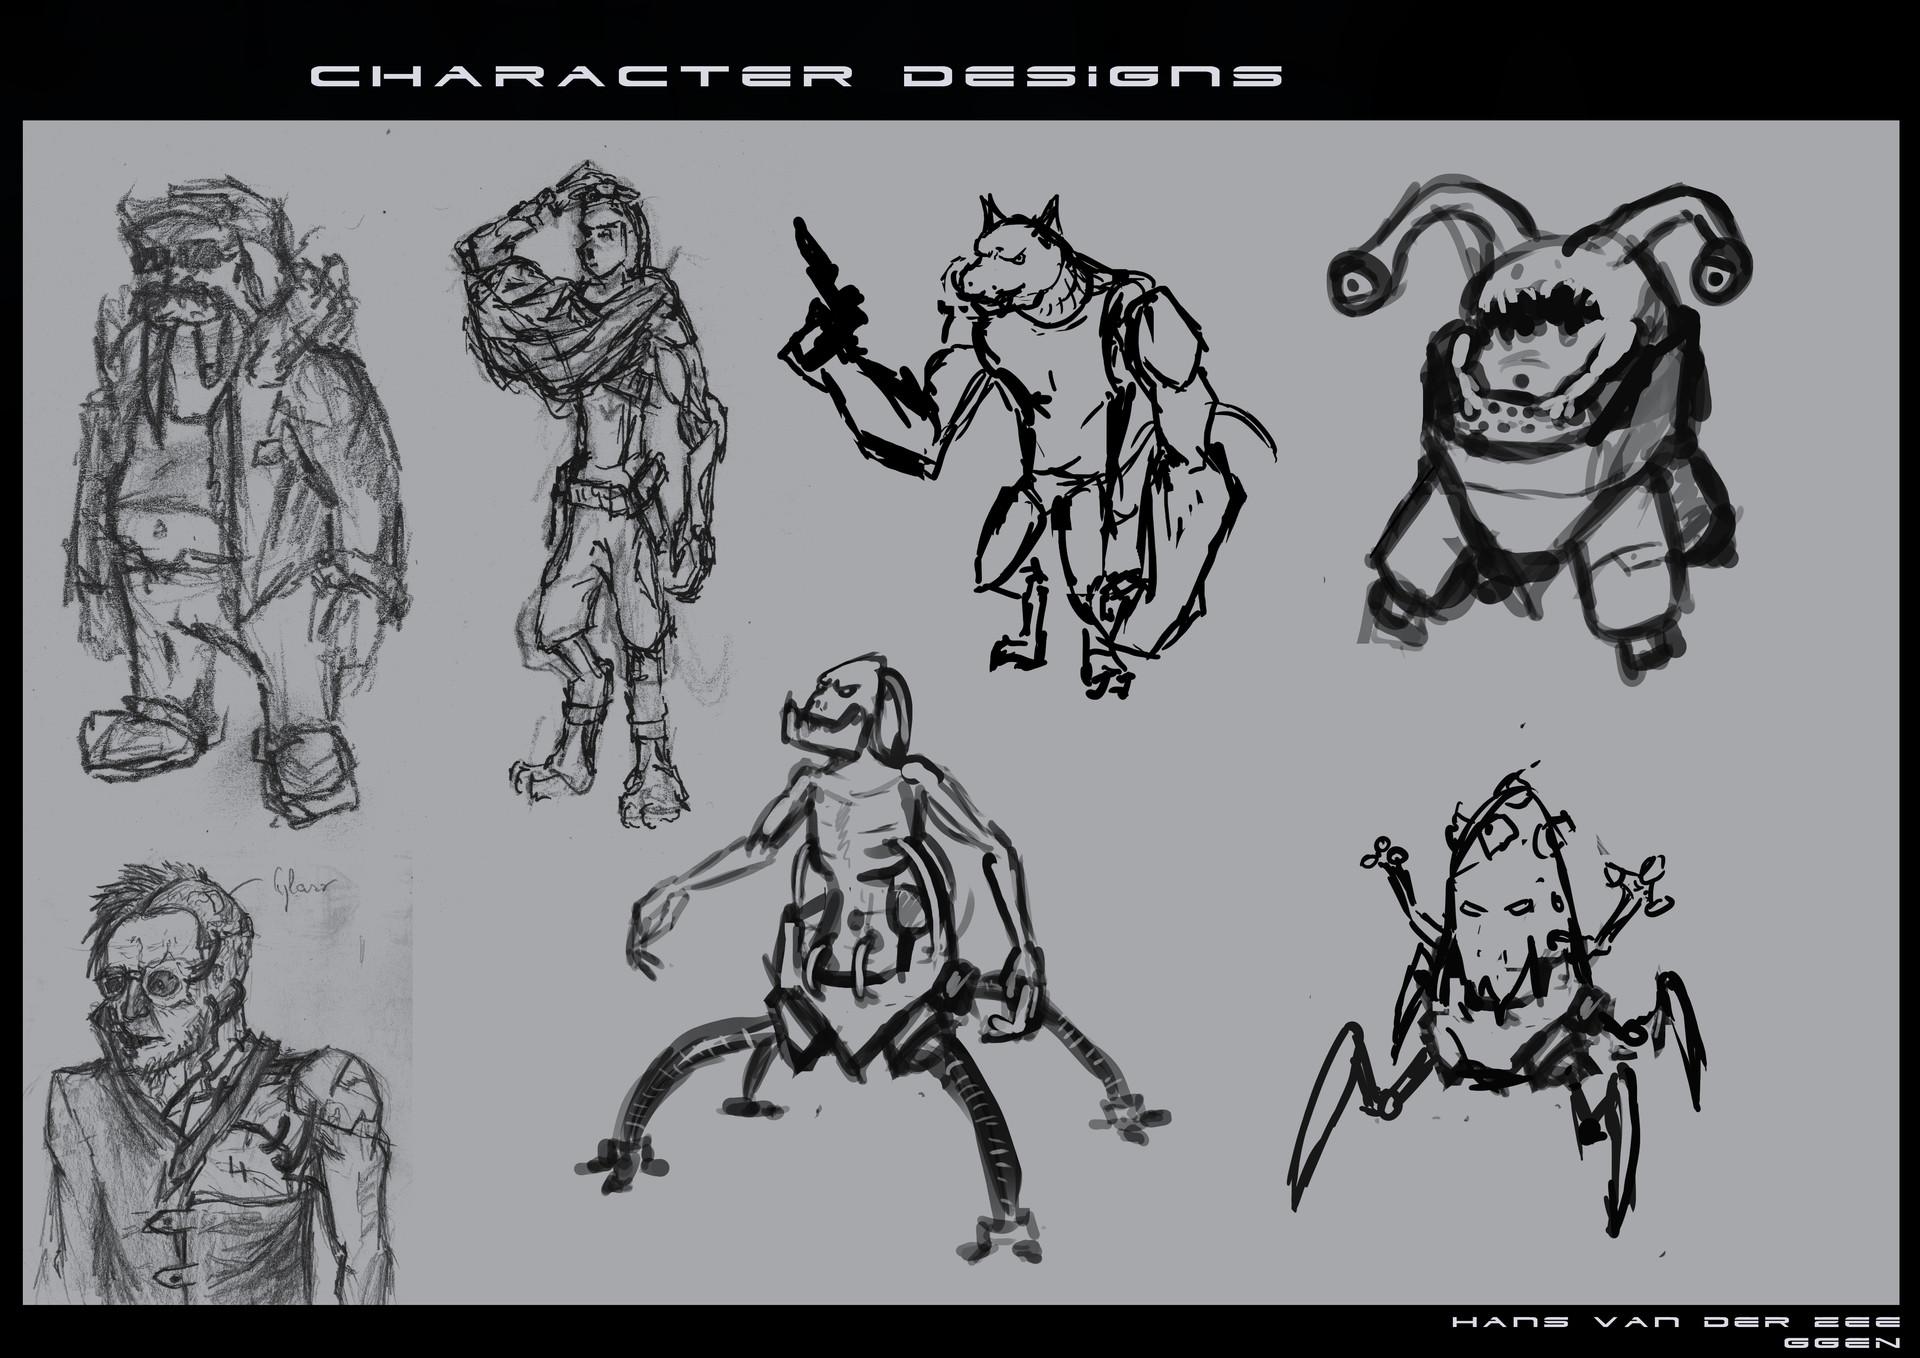 Hans van der zee 2ggen van der zee hans characterdesigns